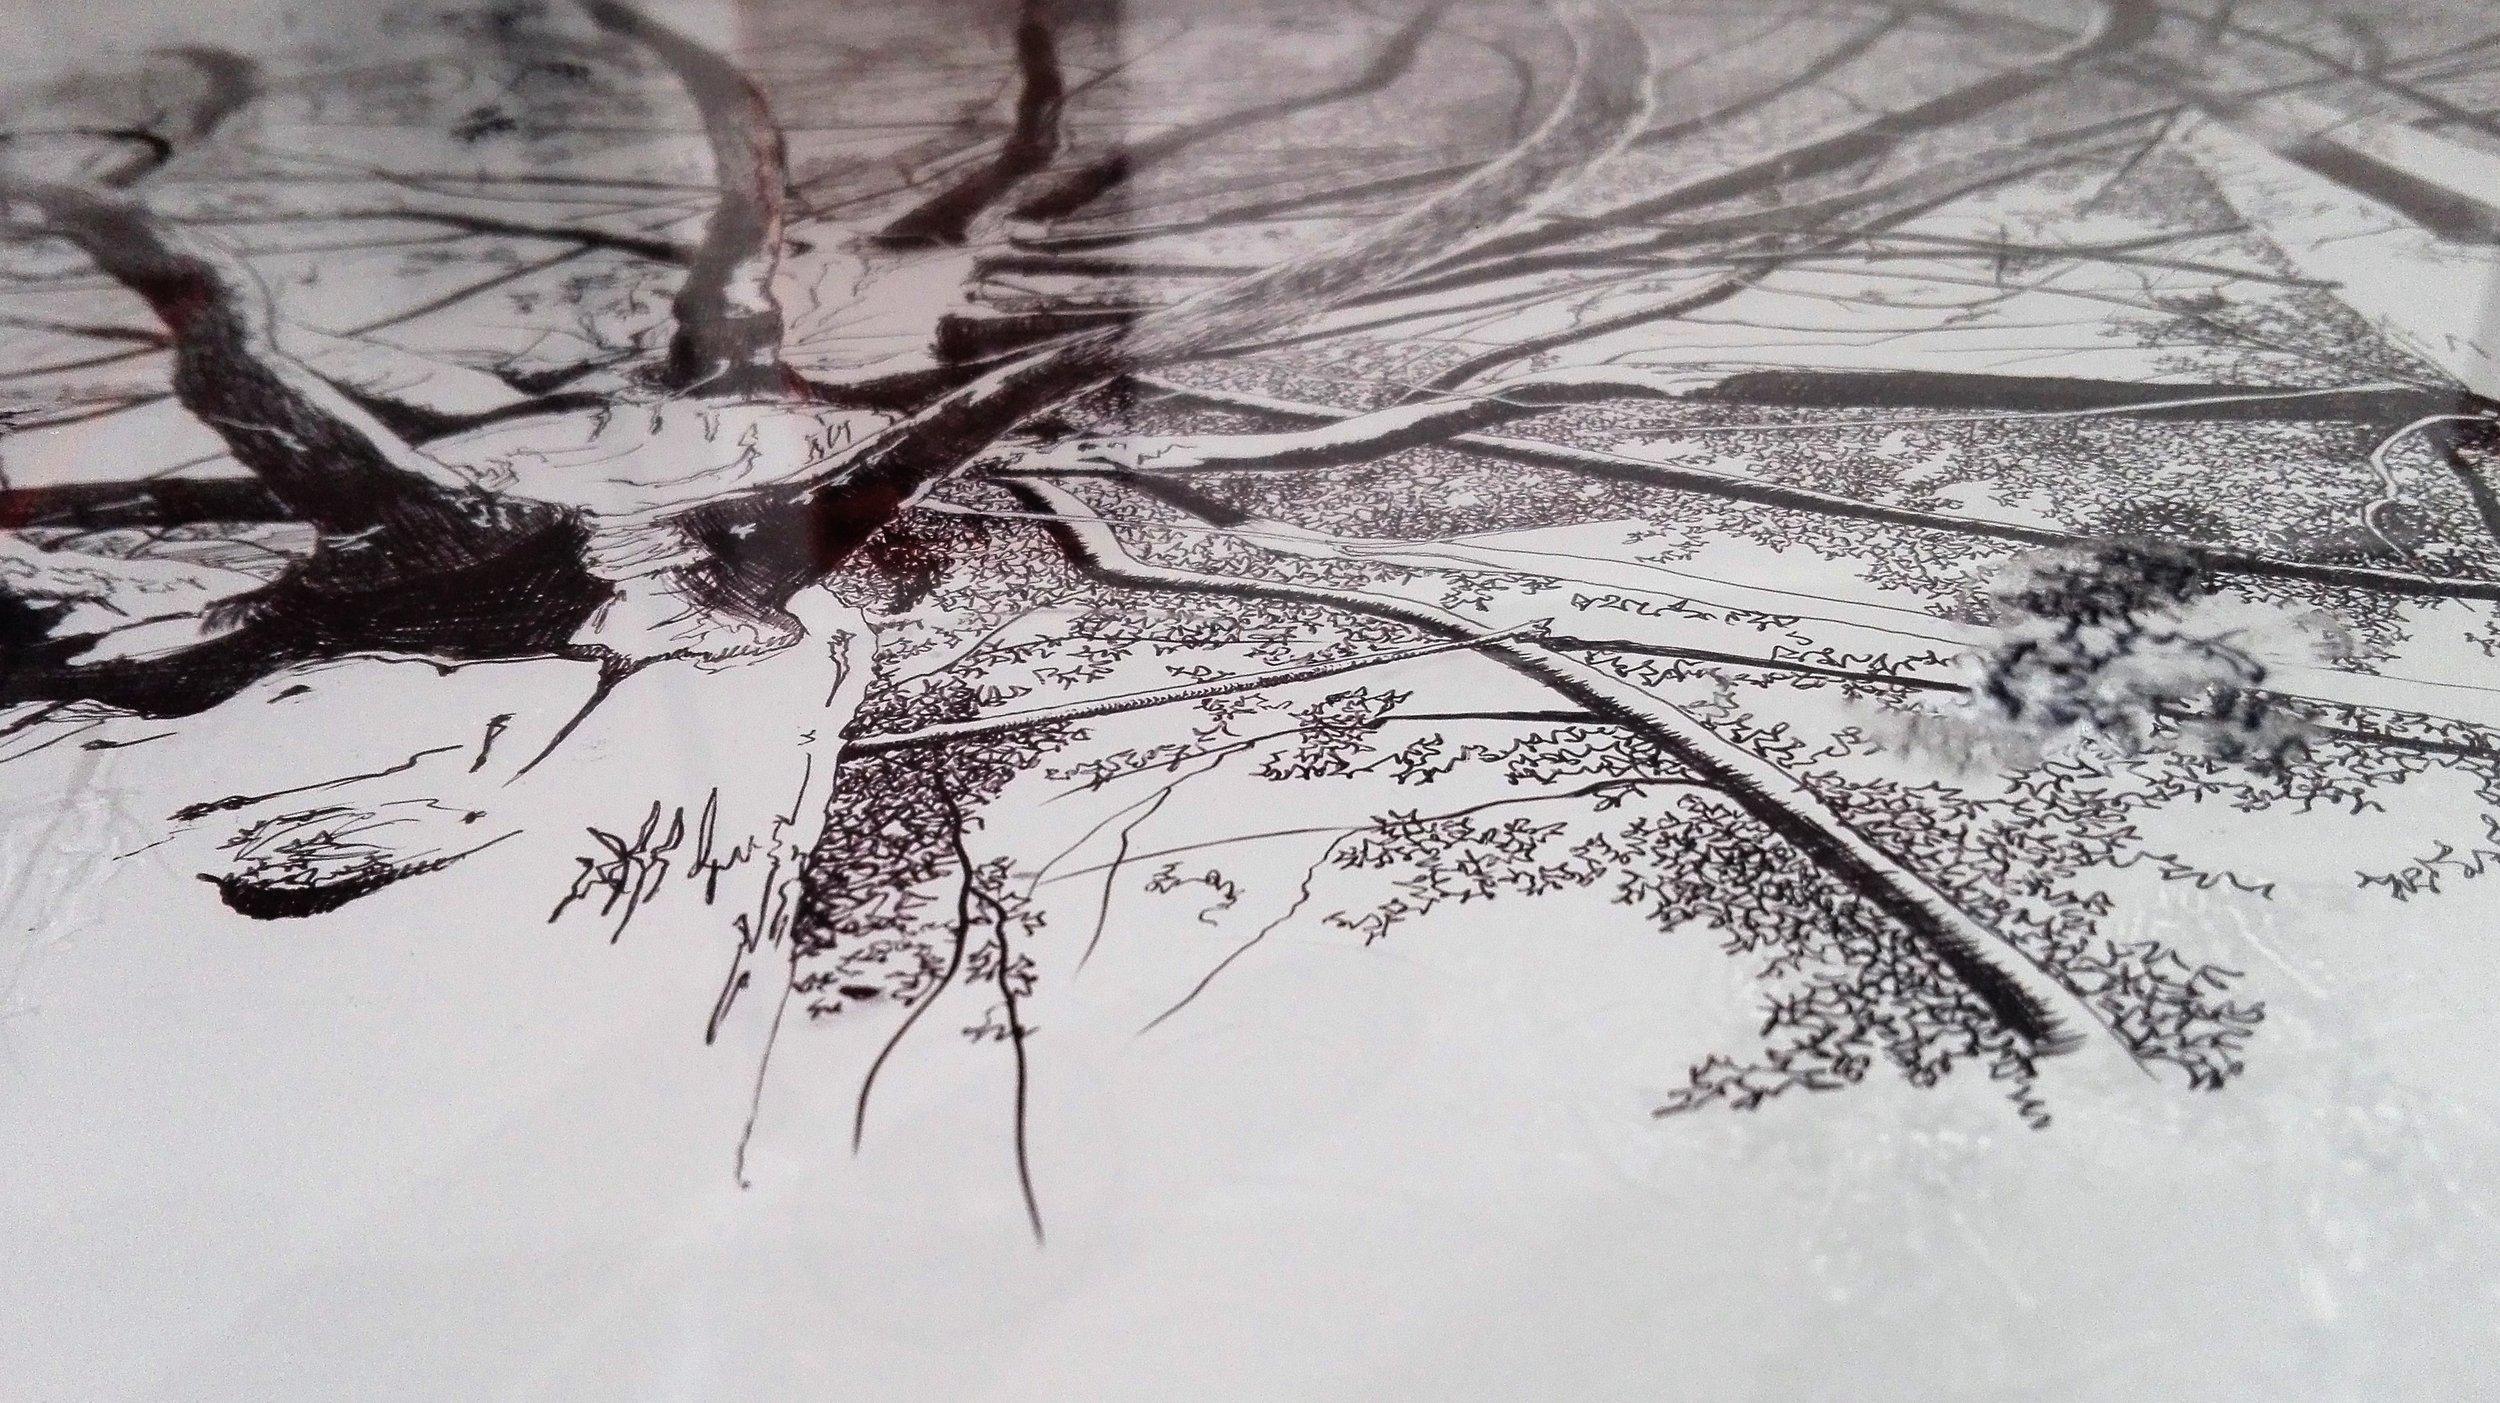 Mirant al cel  (detall)    Bolígraf Bic d/paper de pedra i rotulador permanent d/vitrina de metacrilat    69x101,5cm